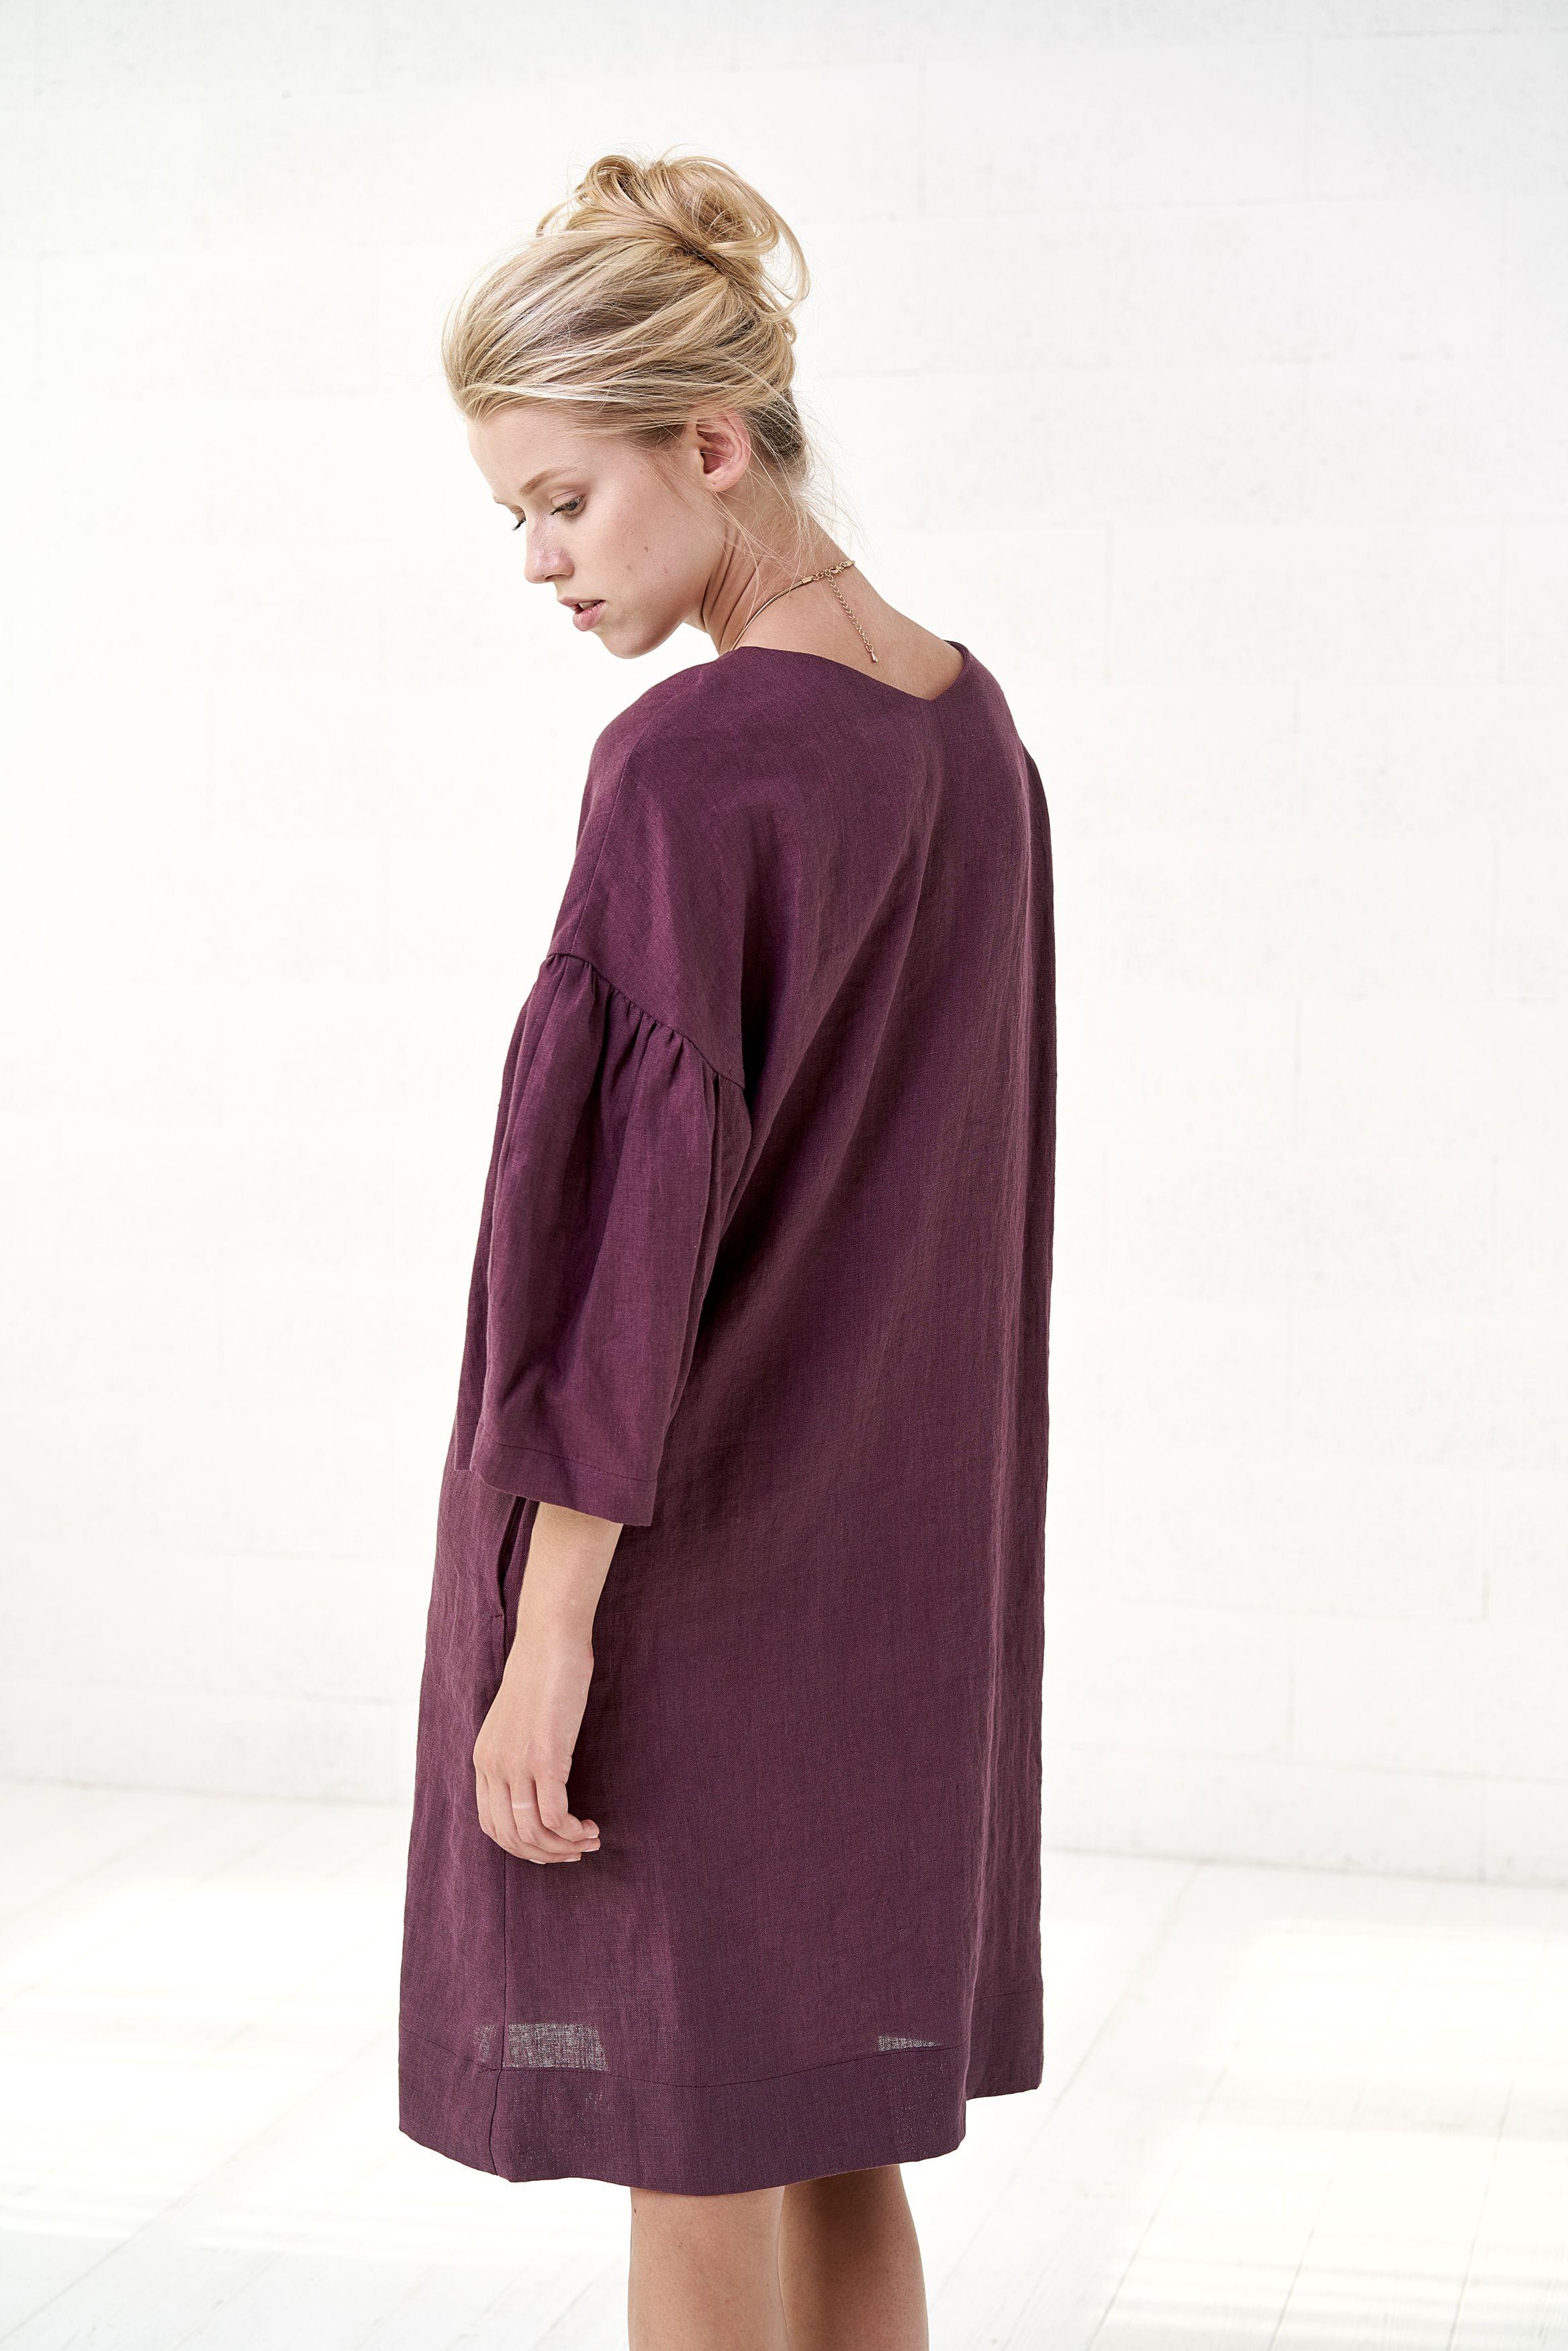 af6abd9dd8  Kaftan linen  dress Puff sleeve Loose knee length Oversized  linen  tunic   madeinlithuania  linendress  linentunic  linenwoman  natural   naturalfabrick ...